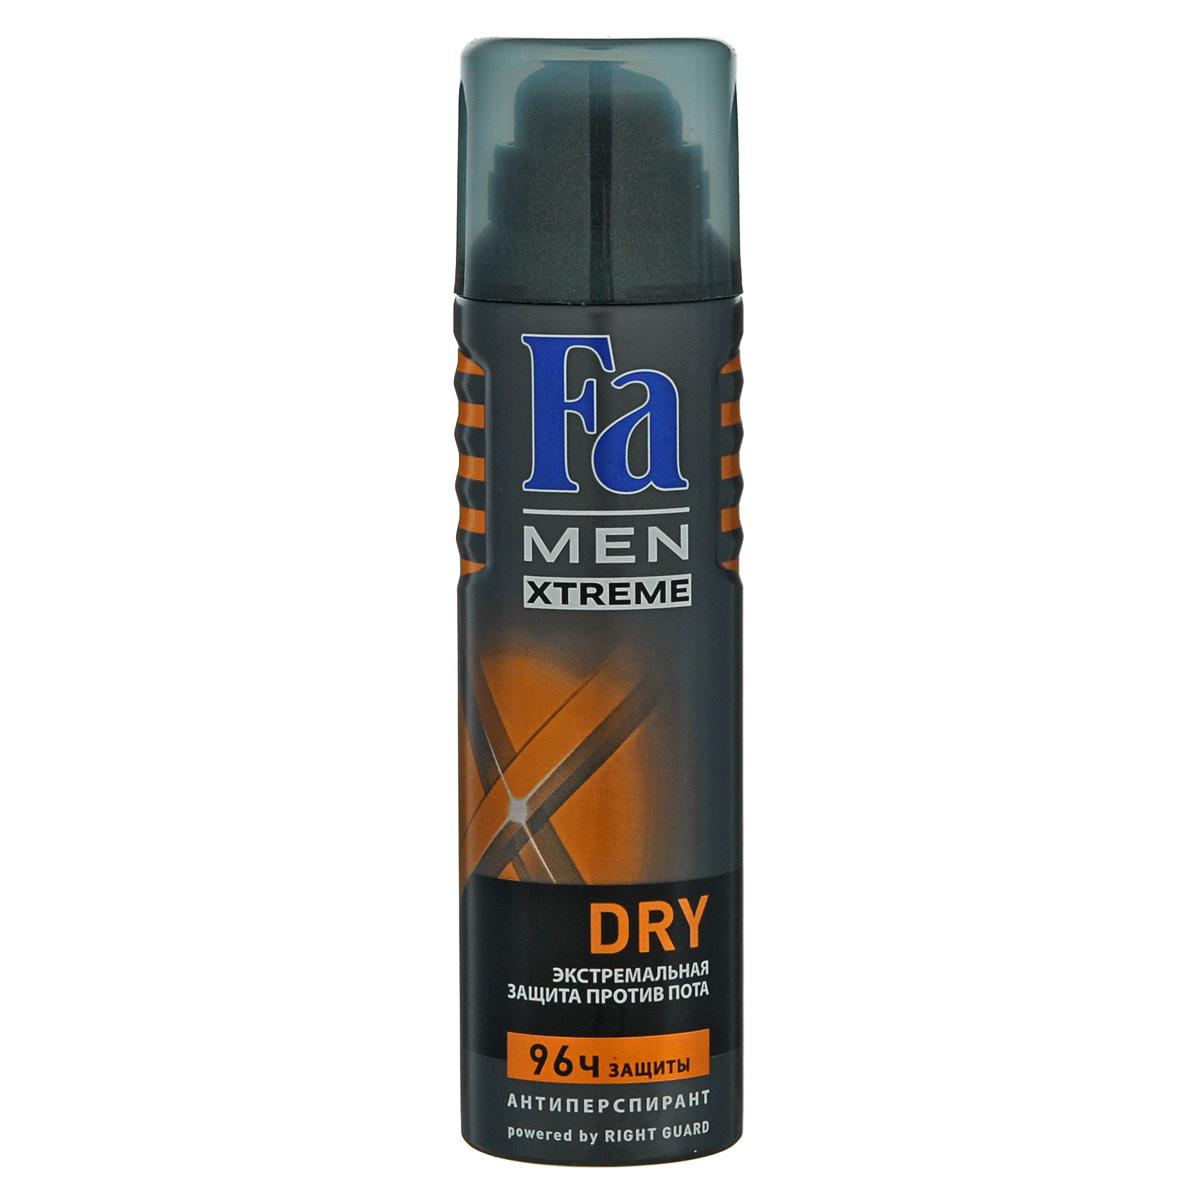 FA MEN Xtreme Дезодорант-аэрозоль Dry, 150 мл дезодорант аэрозоль fa men xtreme invisible